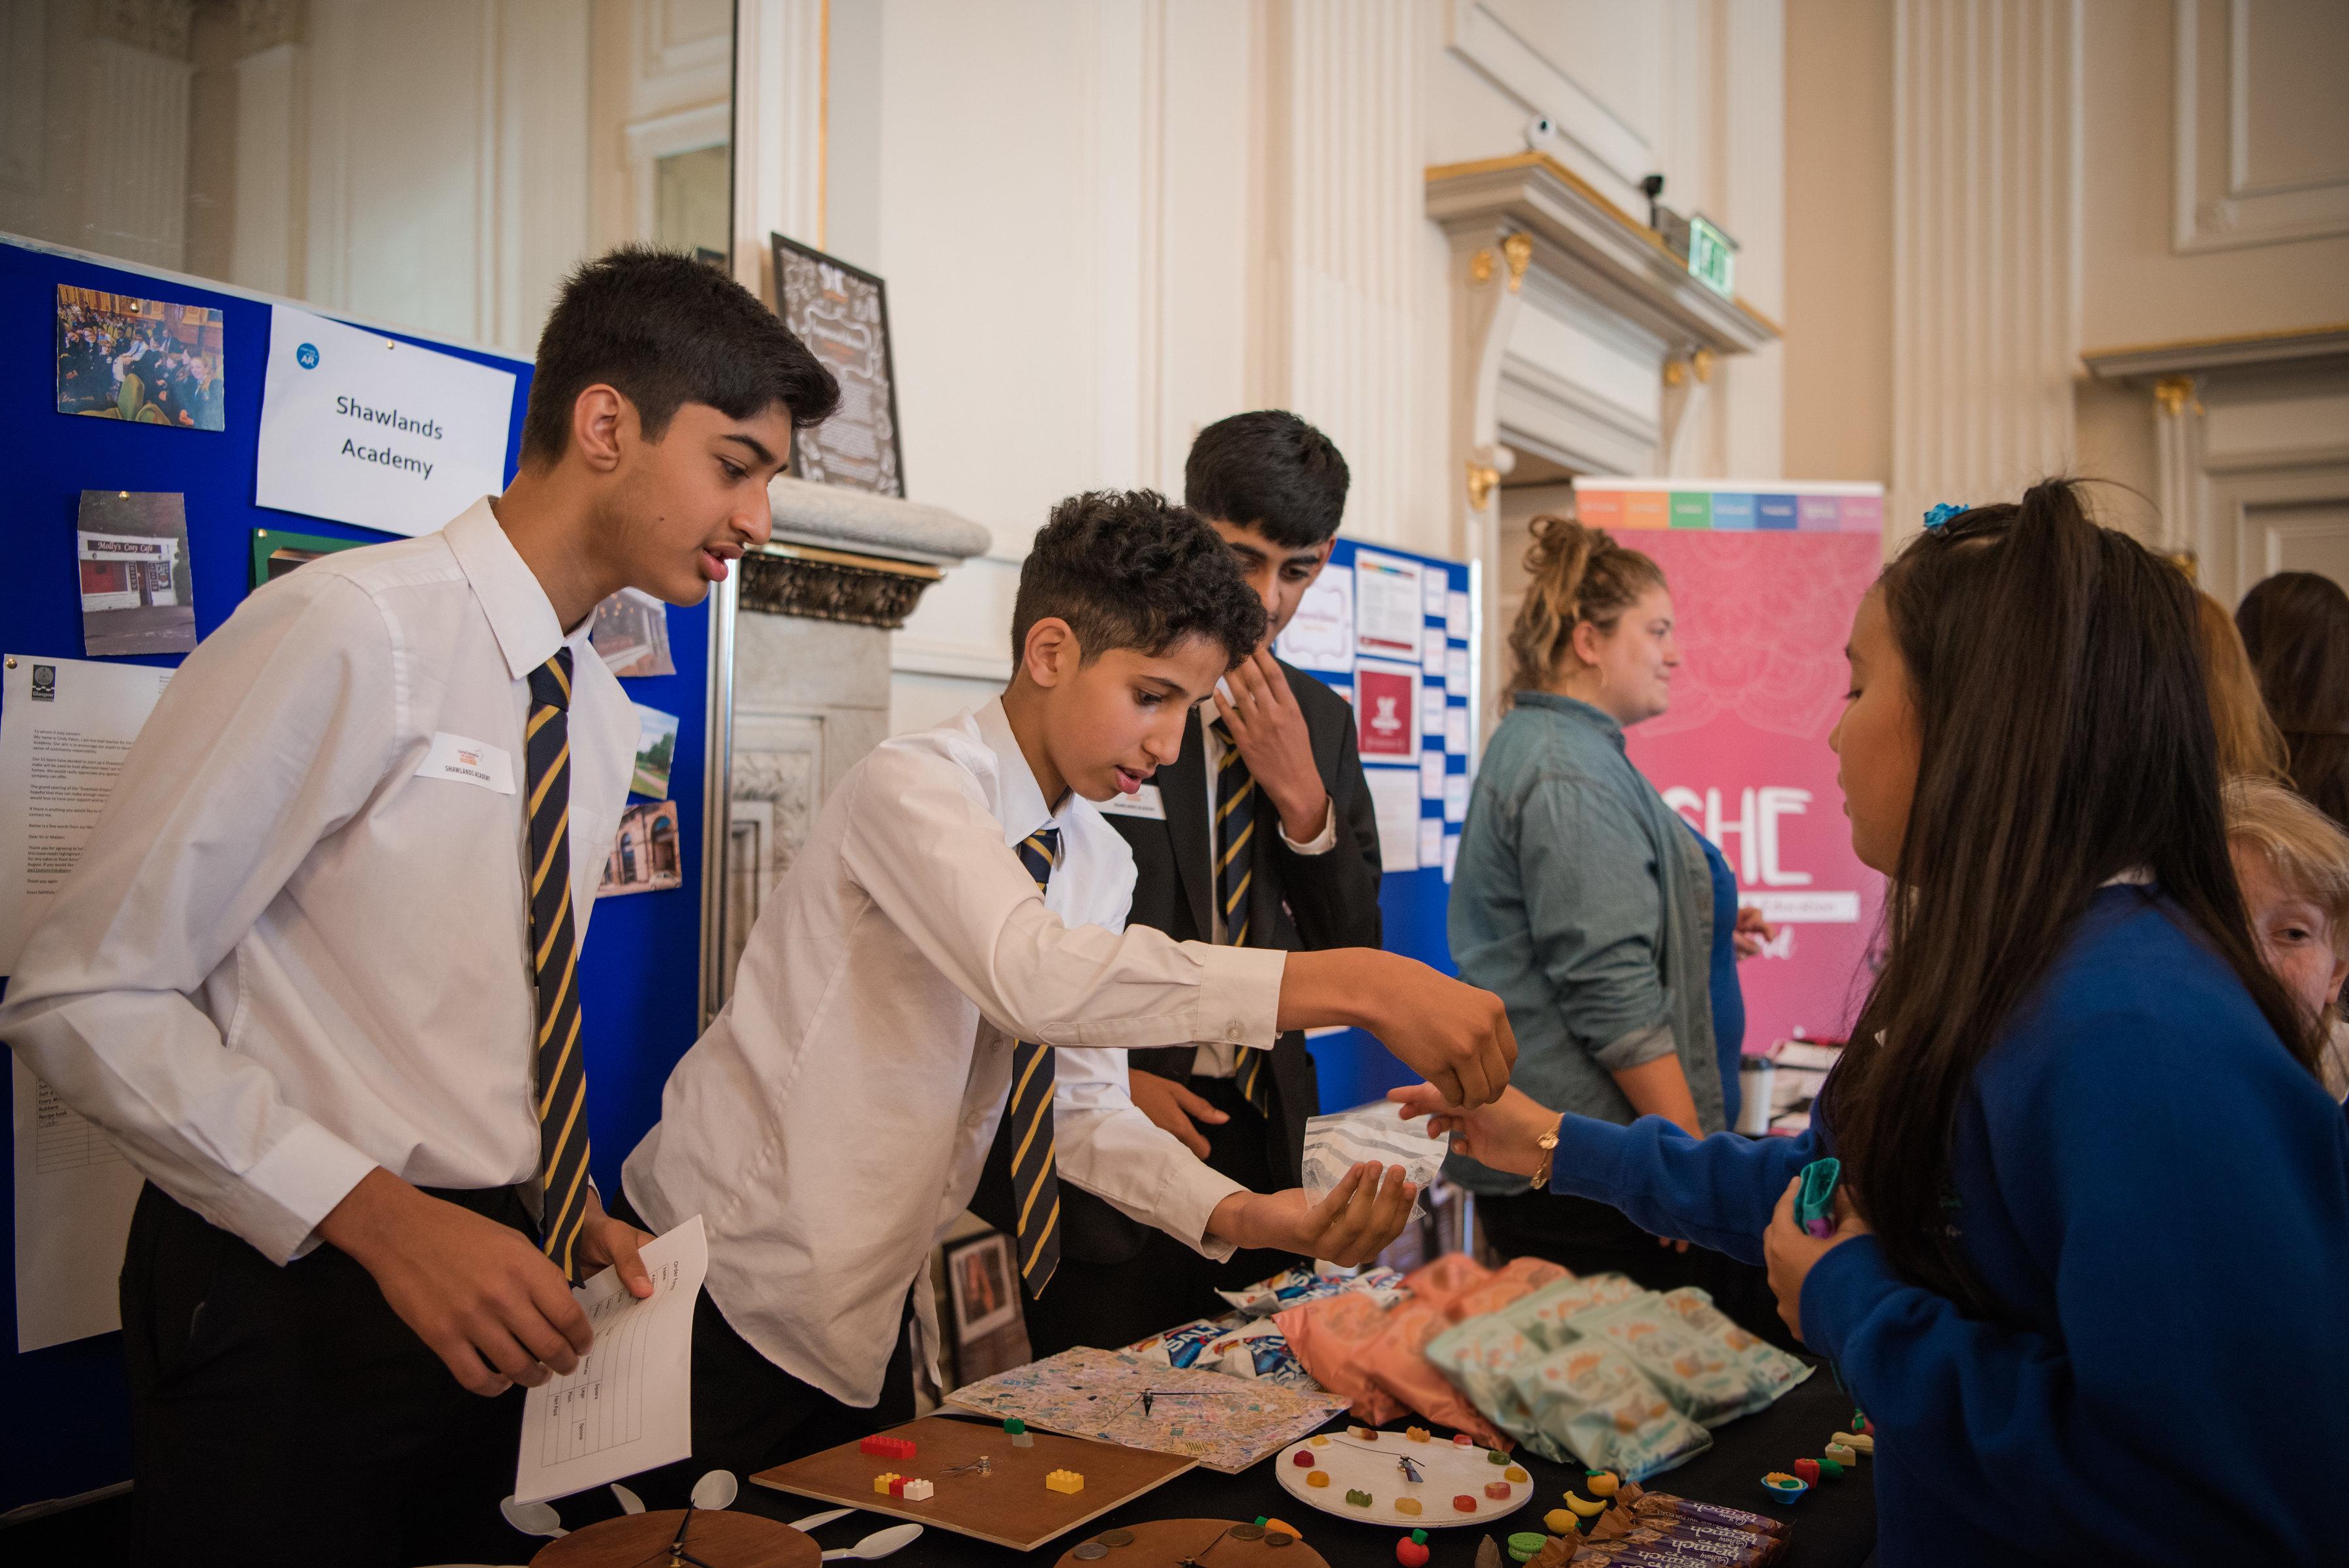 Social enterprise in schools Scotland Shawlands Academy